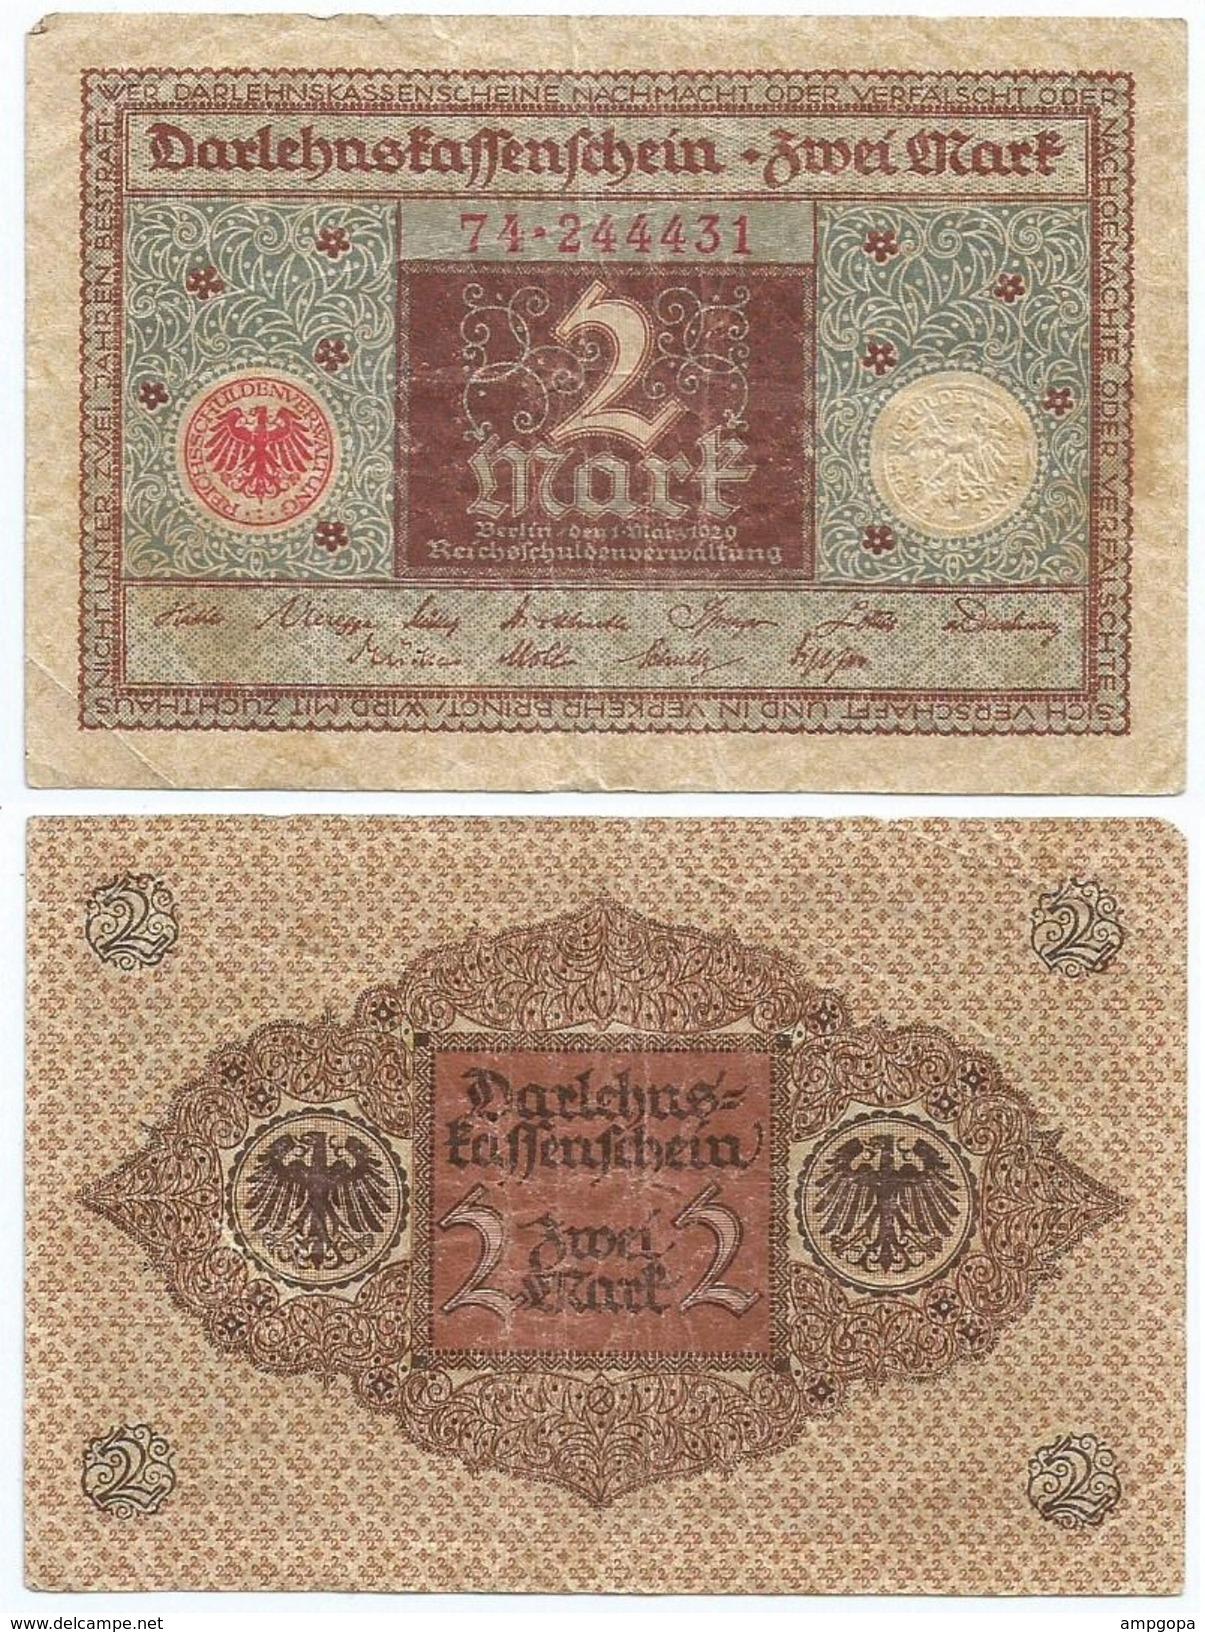 Alemania - Germany 2 Mark 1920 Pick 60 Ref 45-2 - [ 3] 1918-1933 : República De Weimar